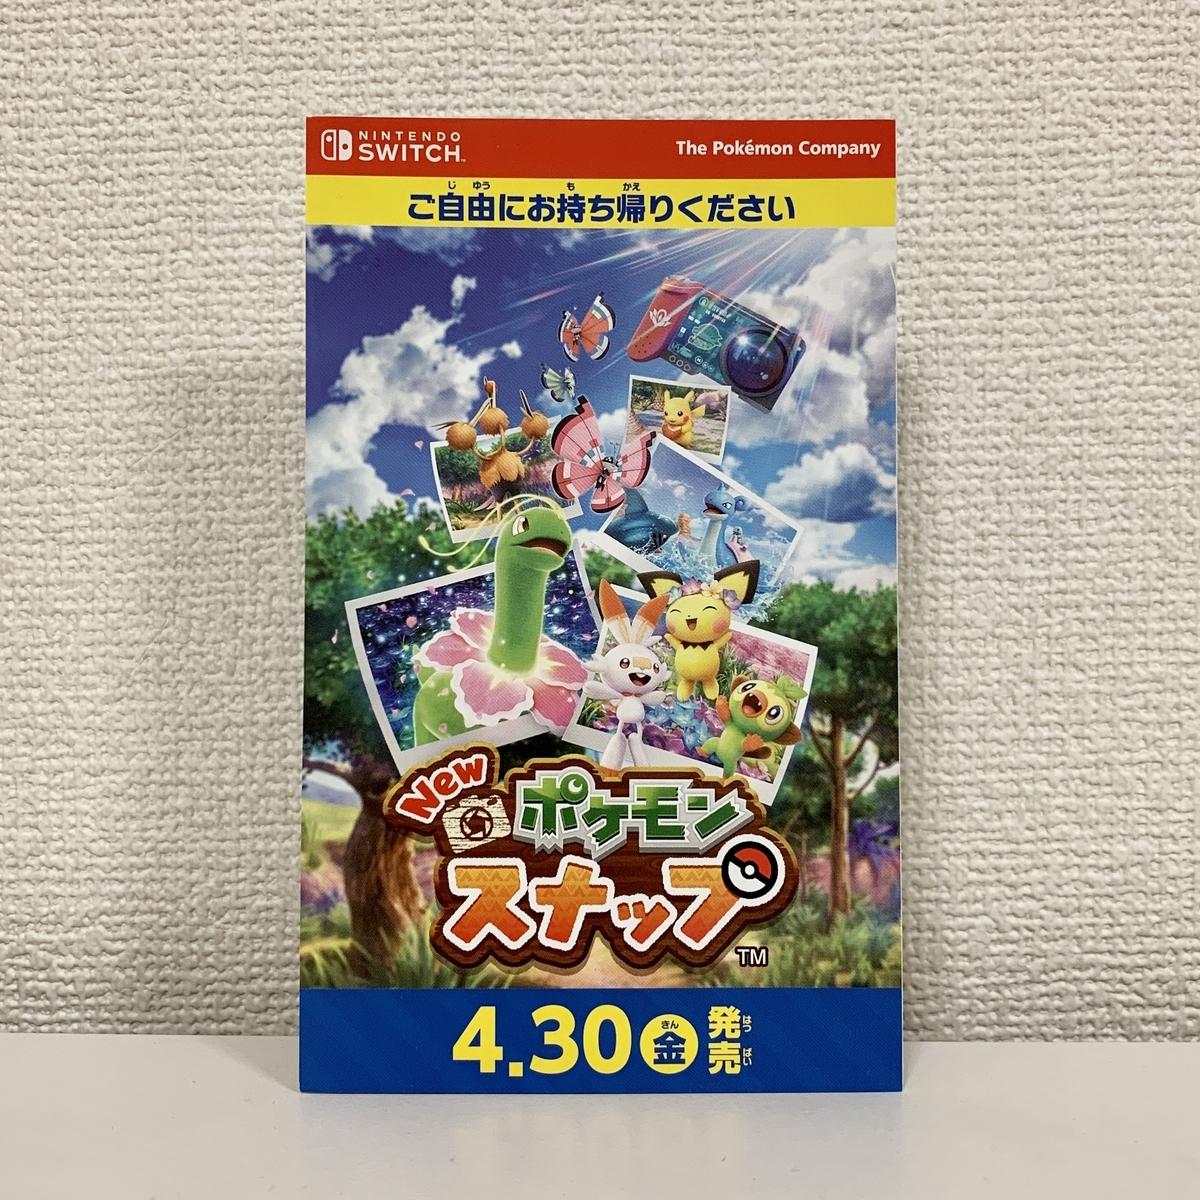 f:id:pikachu_pcn:20210116163423j:plain